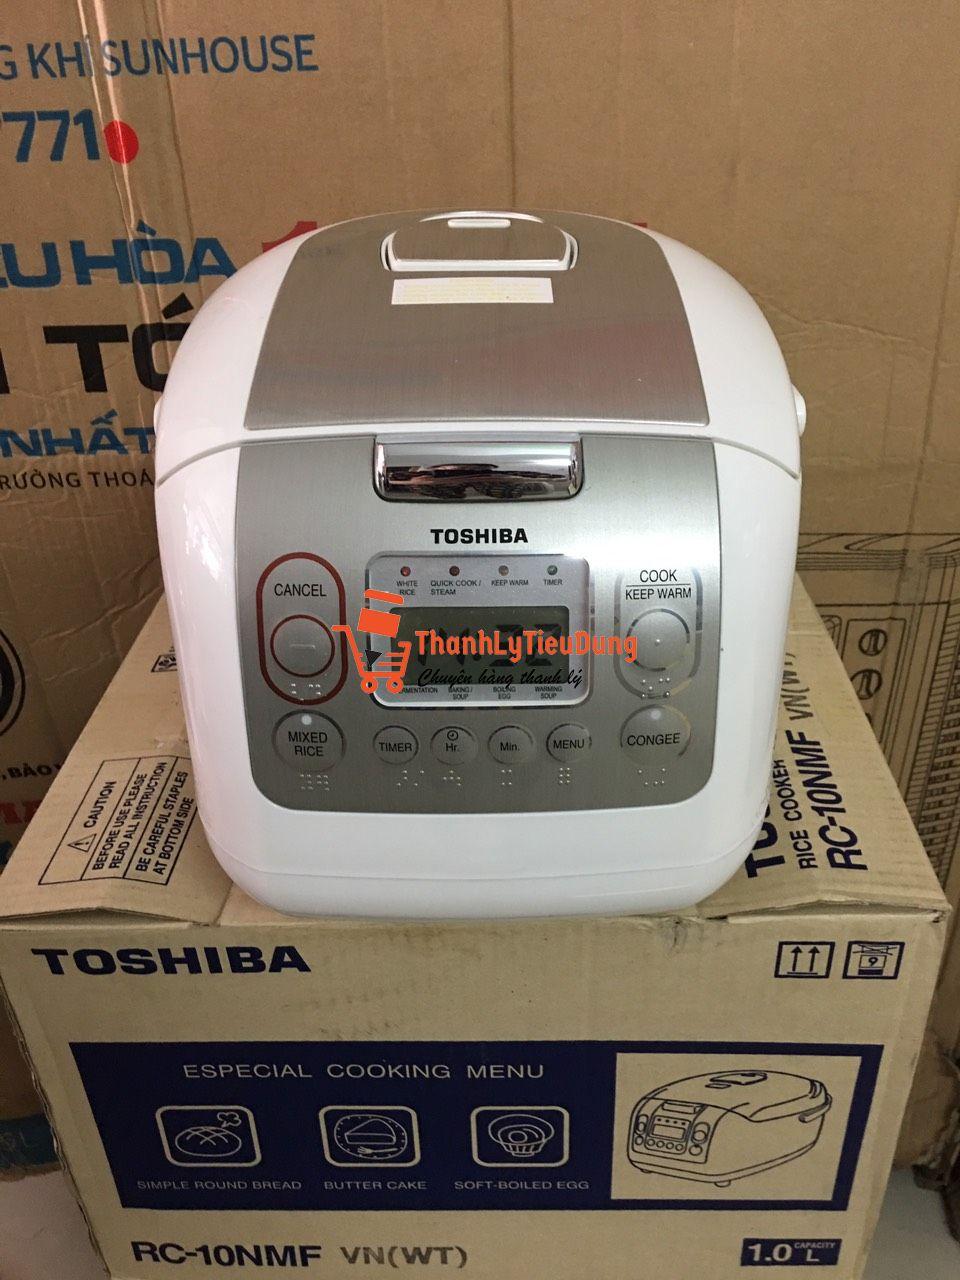 Nồi cơm điện tử Toshiba 1 lít RC-10NMFVN(WT) - HÀNG ĐÃ QUA SỬ DỤNG